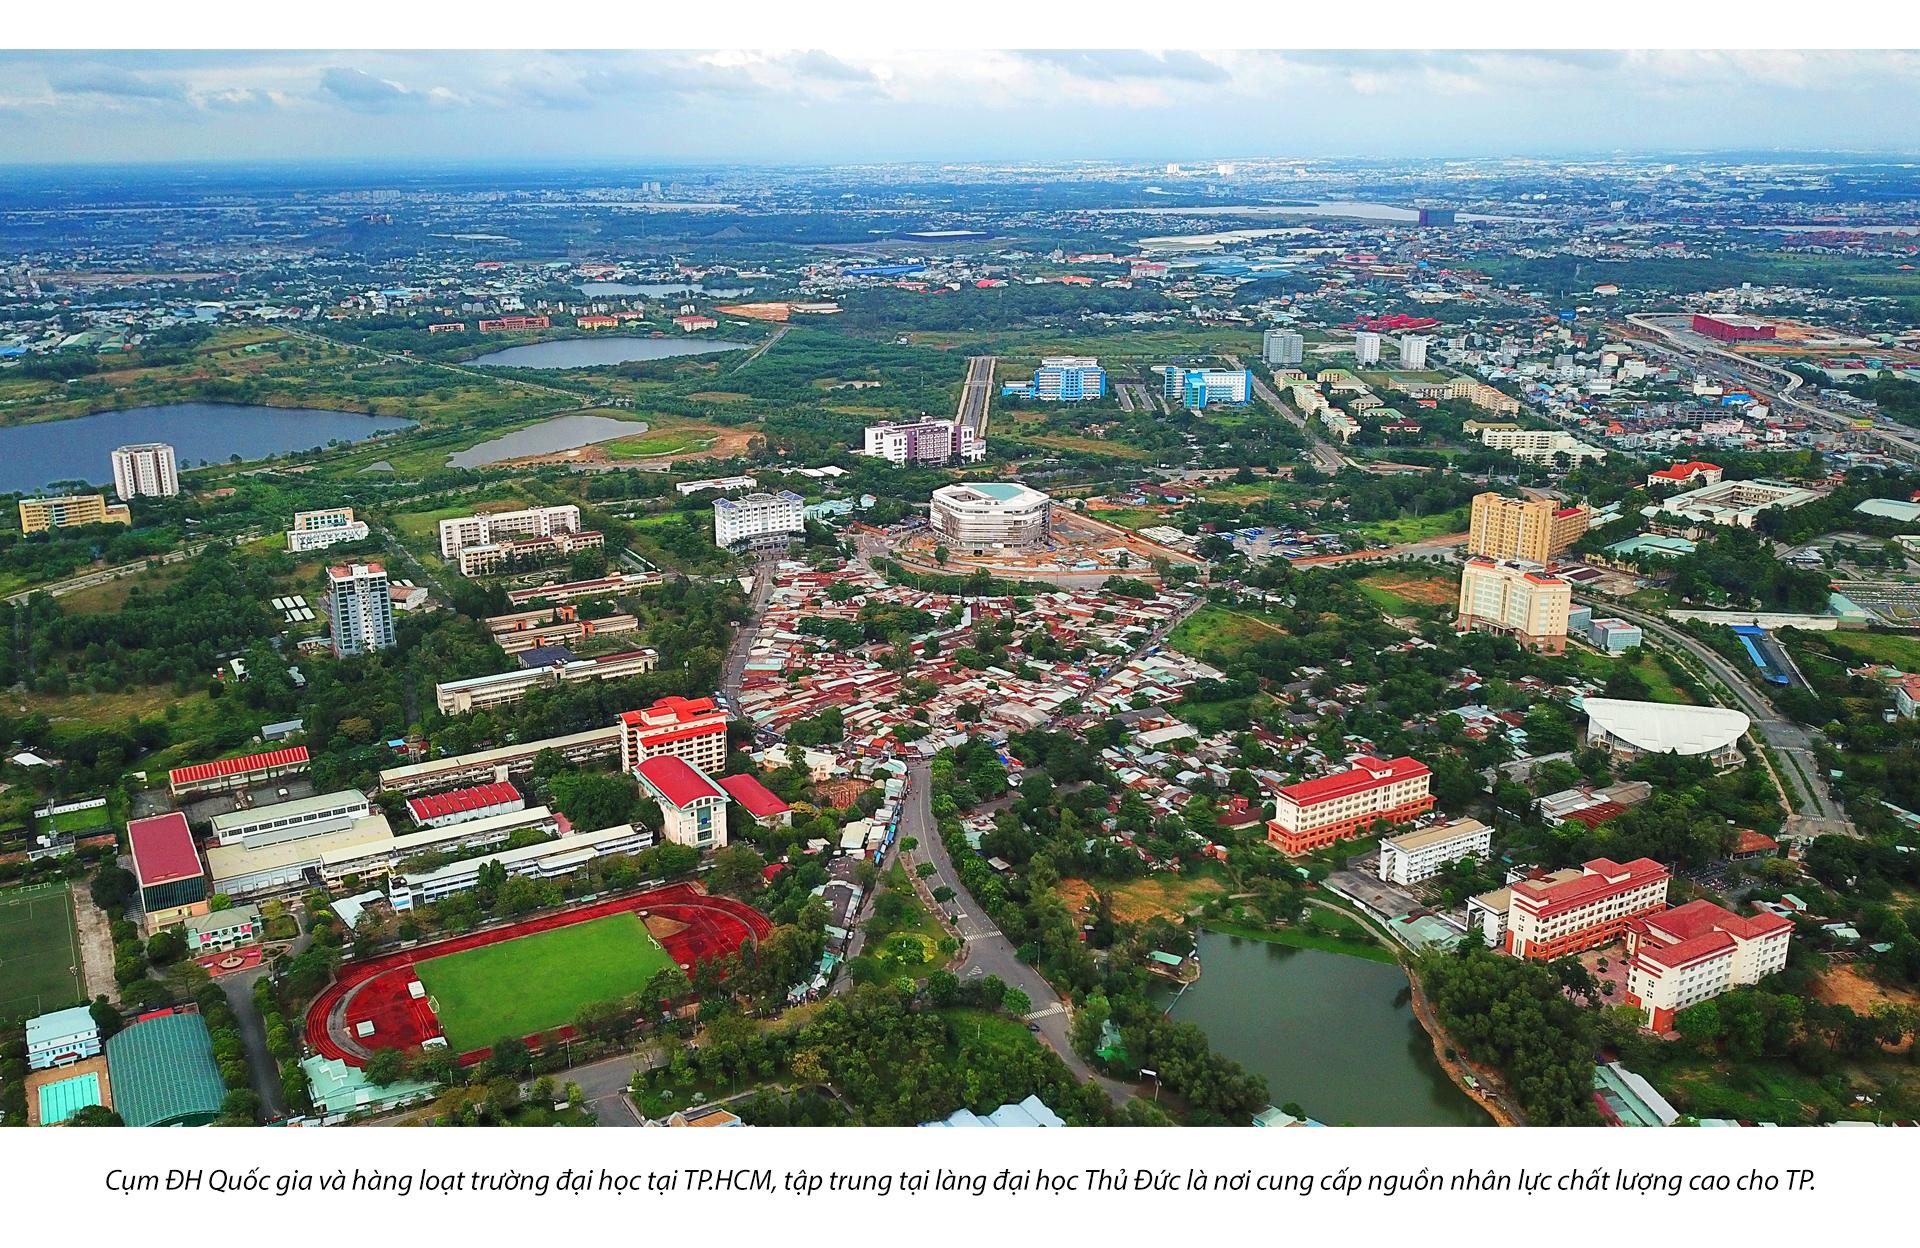 Emagazine: 5 thành tựu lớn của TP.HCM trong nhiệm kỳ 2015-2020 - ảnh 16